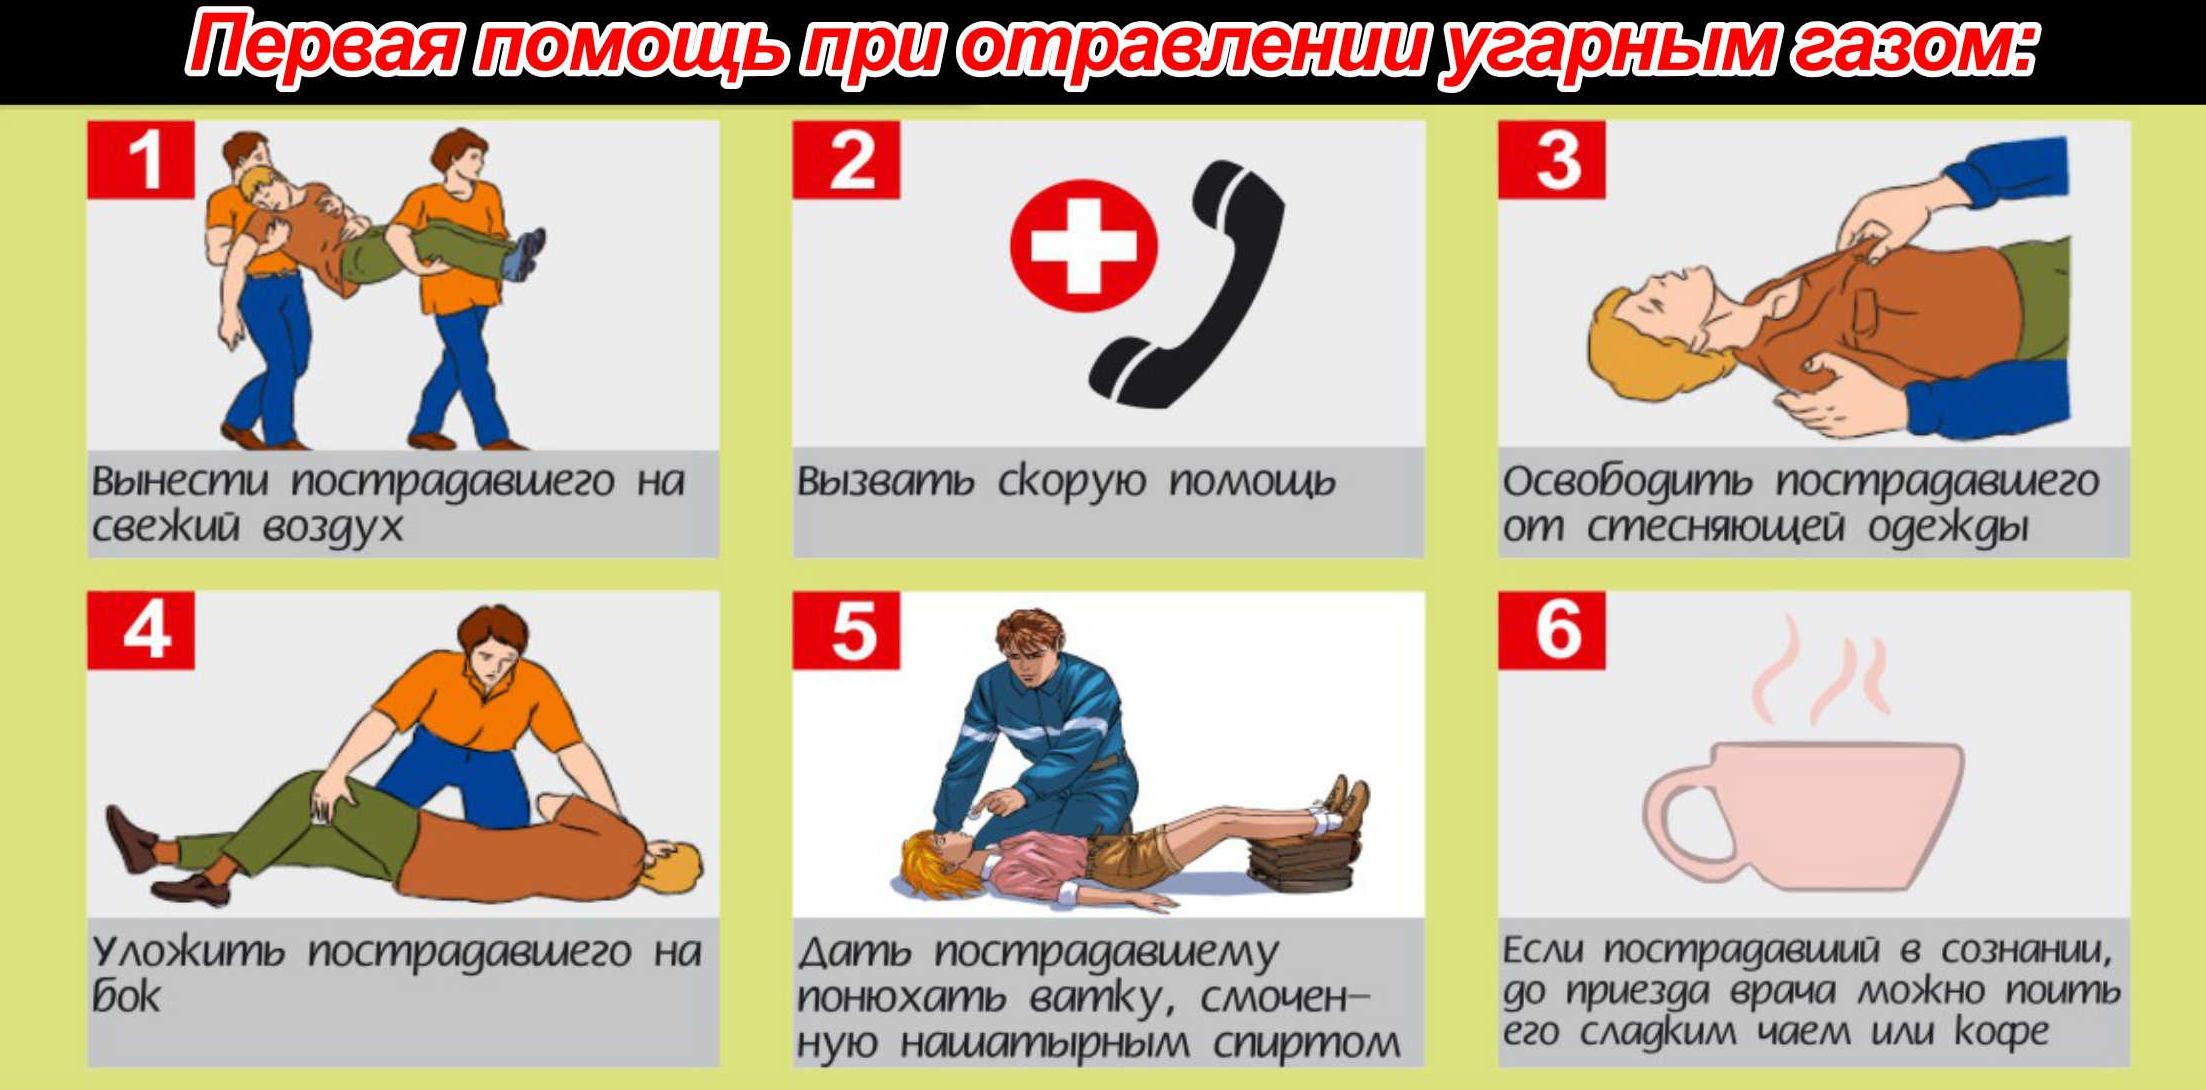 Отравление угарным газом – симптомы, первая помощь, лечение, последствия